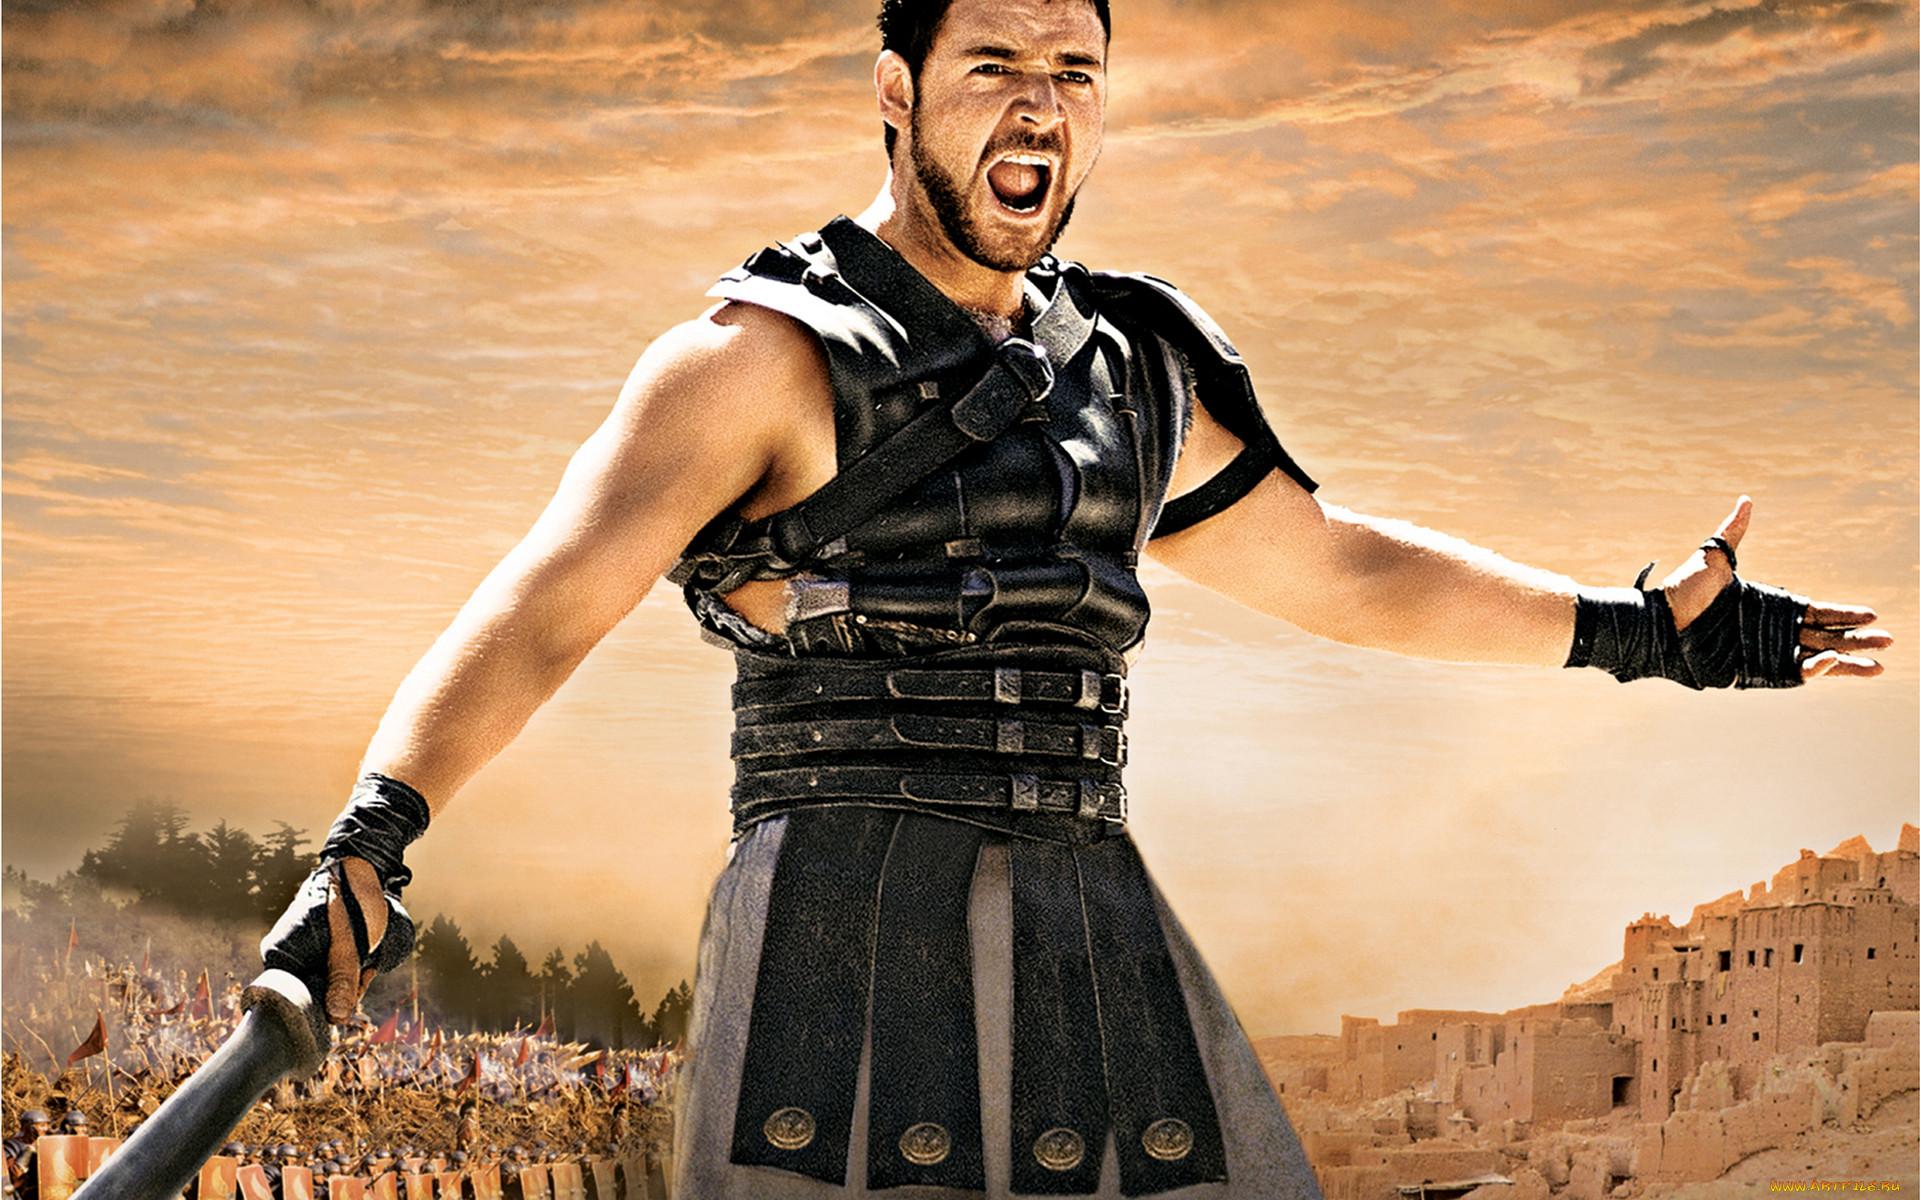 гладиатор, кино, фильмы, gladiator, рассел, кроу, максимус